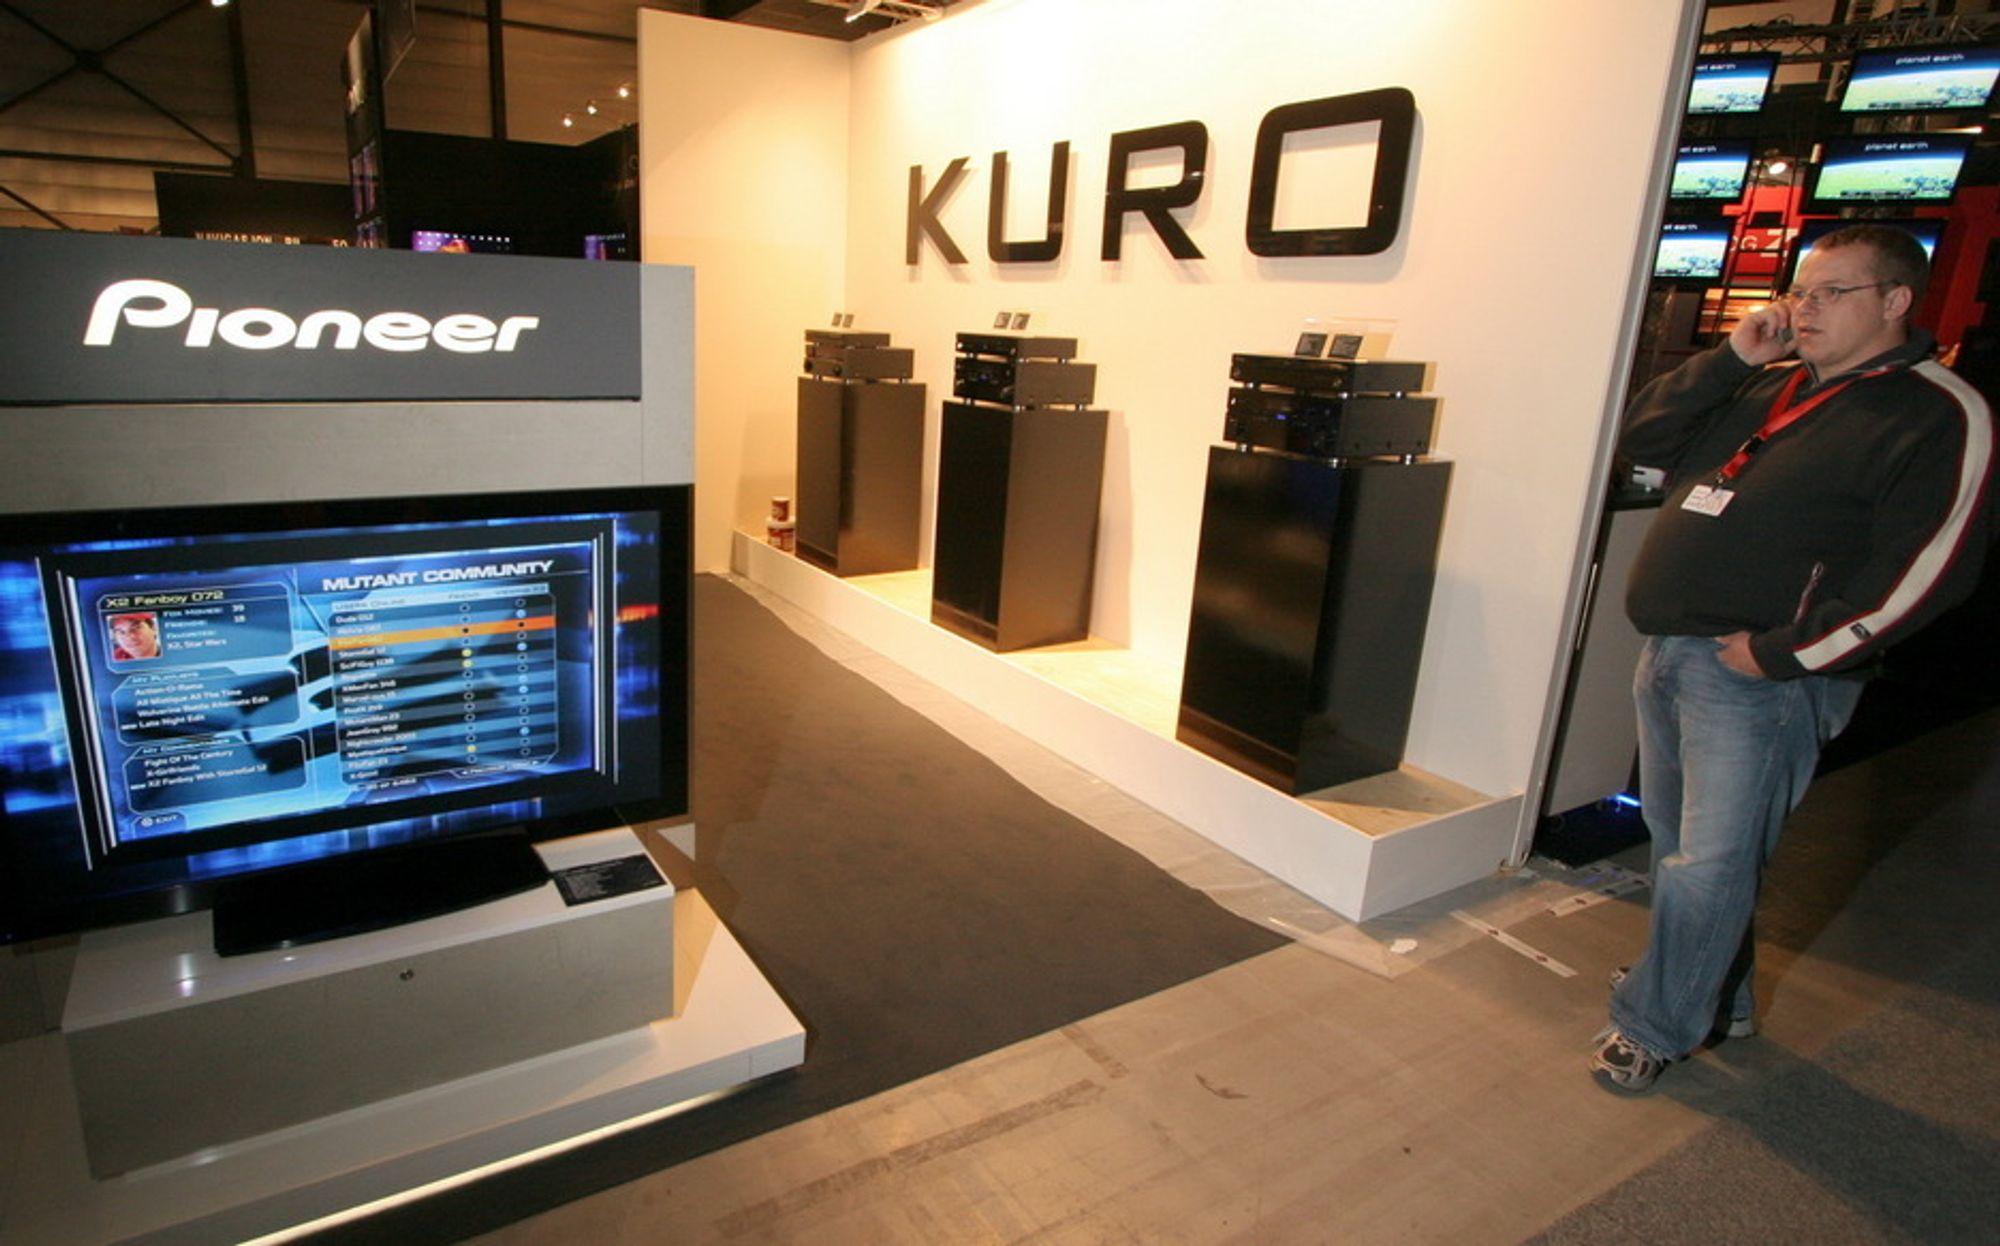 Merk deg navnet Kuro fra Pioneer. Knallskarpe bilder og fet surroundlyd i skjønn forening. Kan man ha det bedre i heimen?